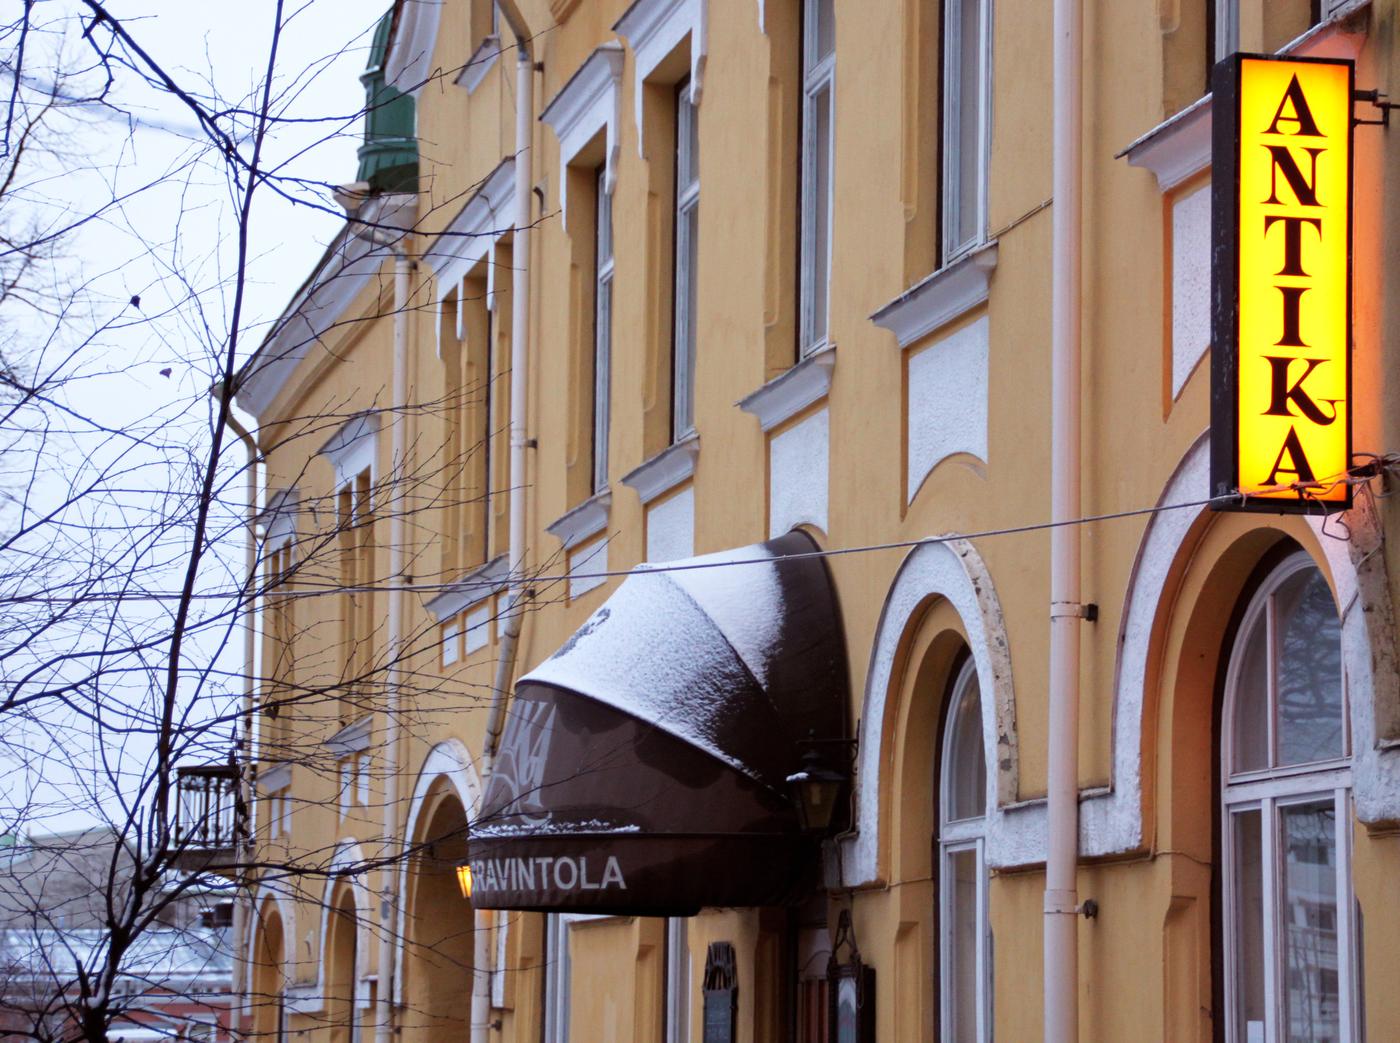 Ravintola Antika – Tampere